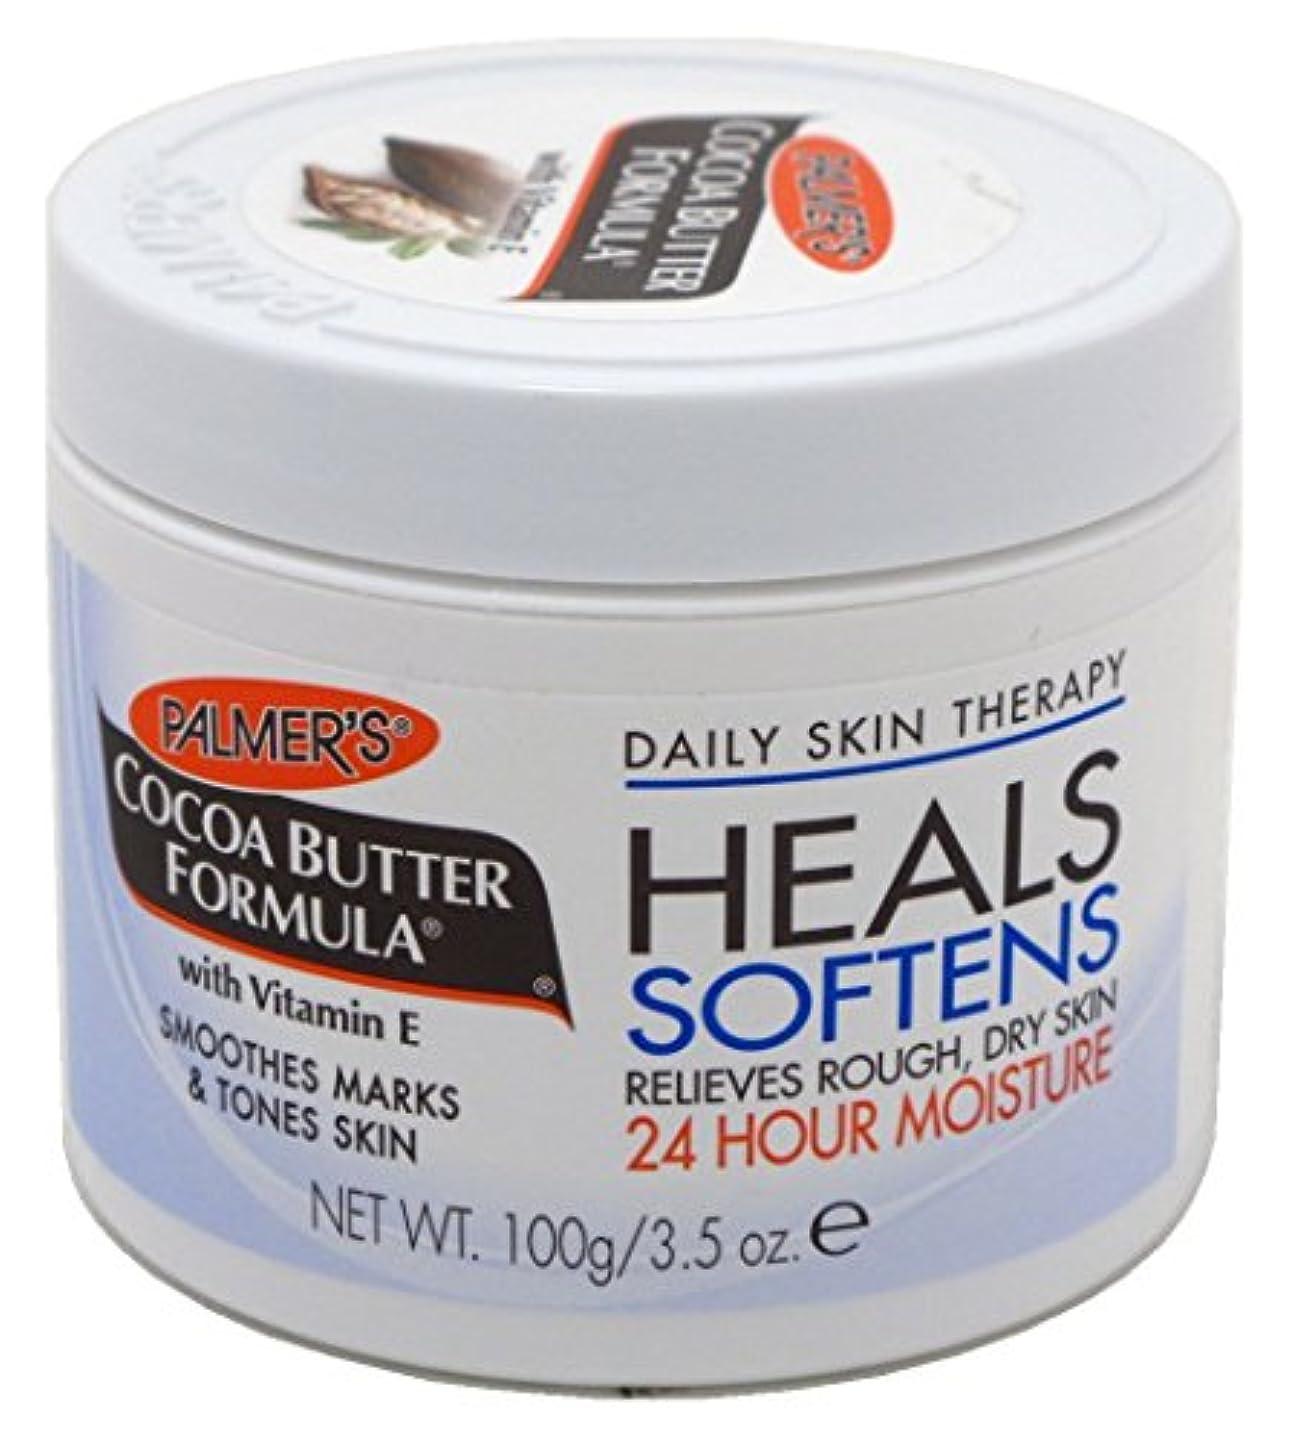 早める付録オーク海外直送品Palmer's Palmers Cocoa Butter Cream, 3.5 oz (Pack of 3)